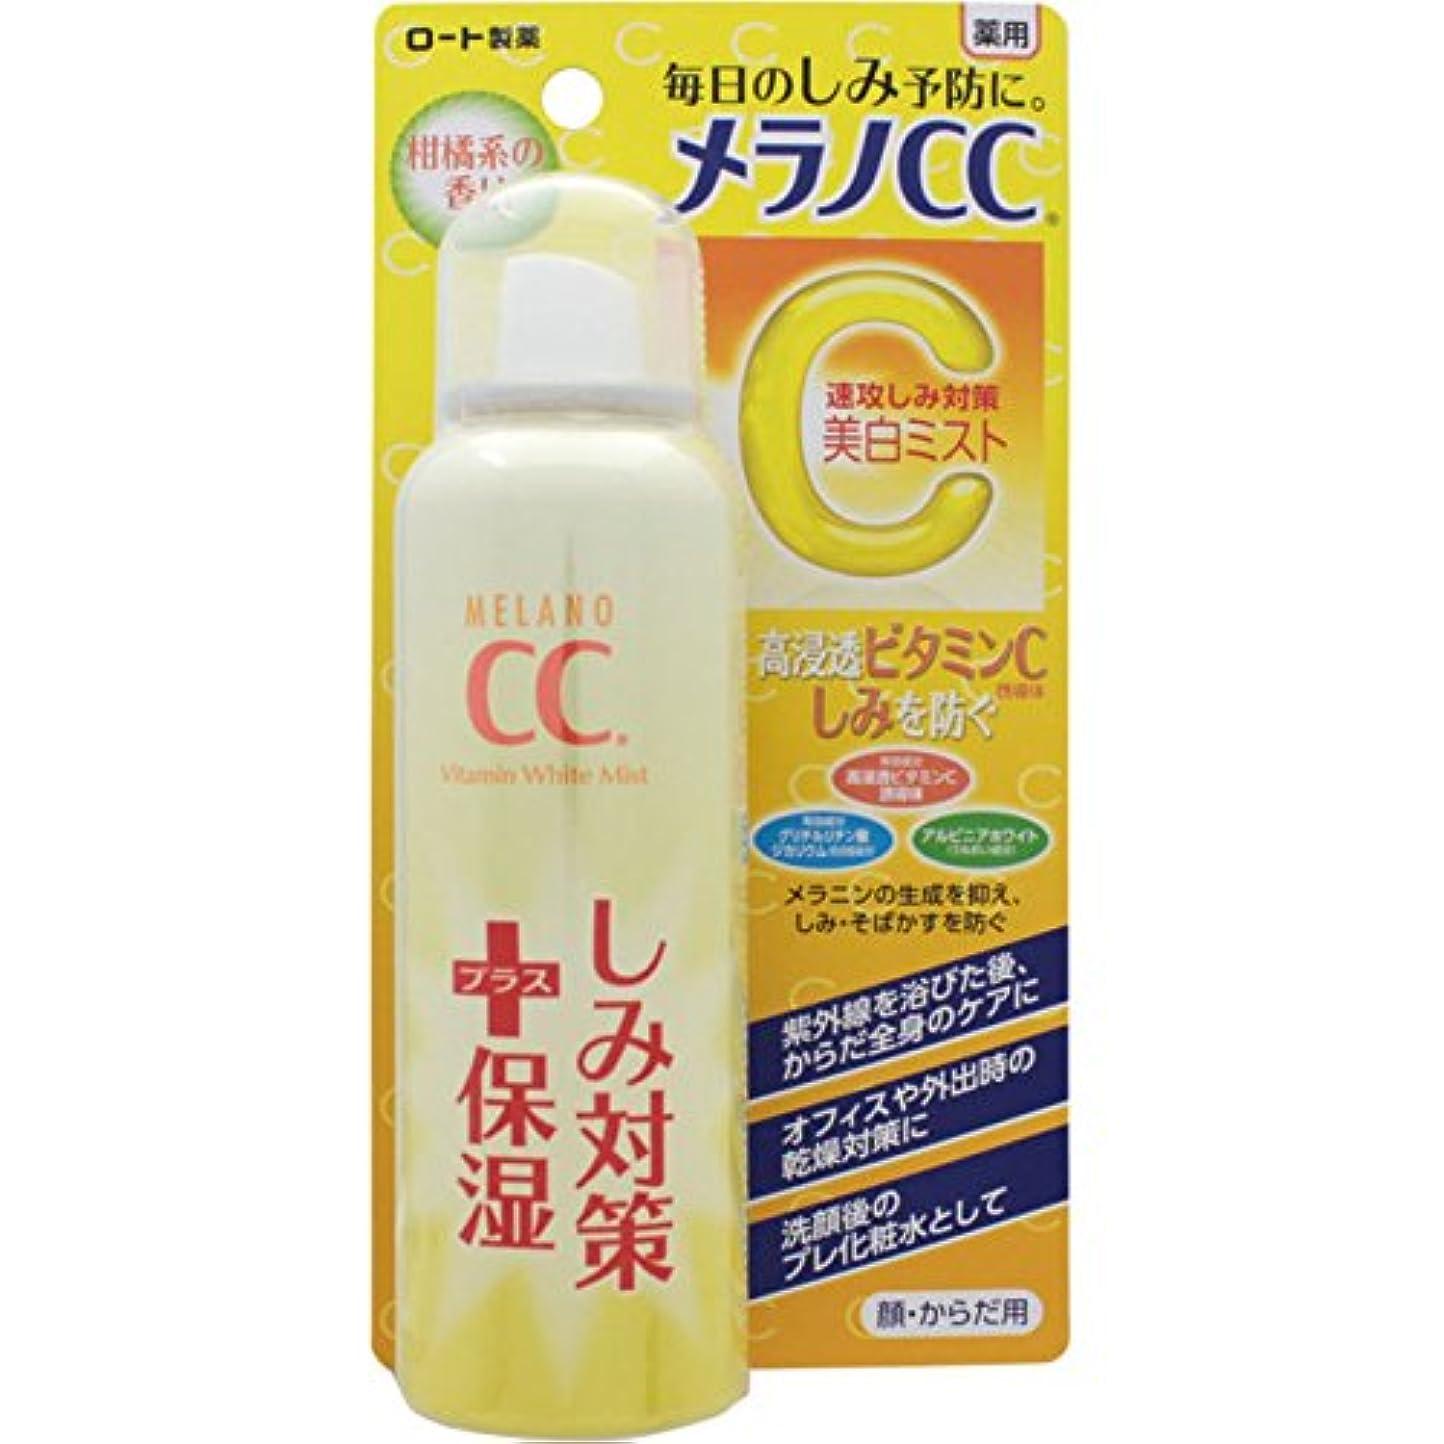 揮発性氏災害【医薬部外品】メラノCC 薬用しみ対策 美白ミスト化粧水 100g